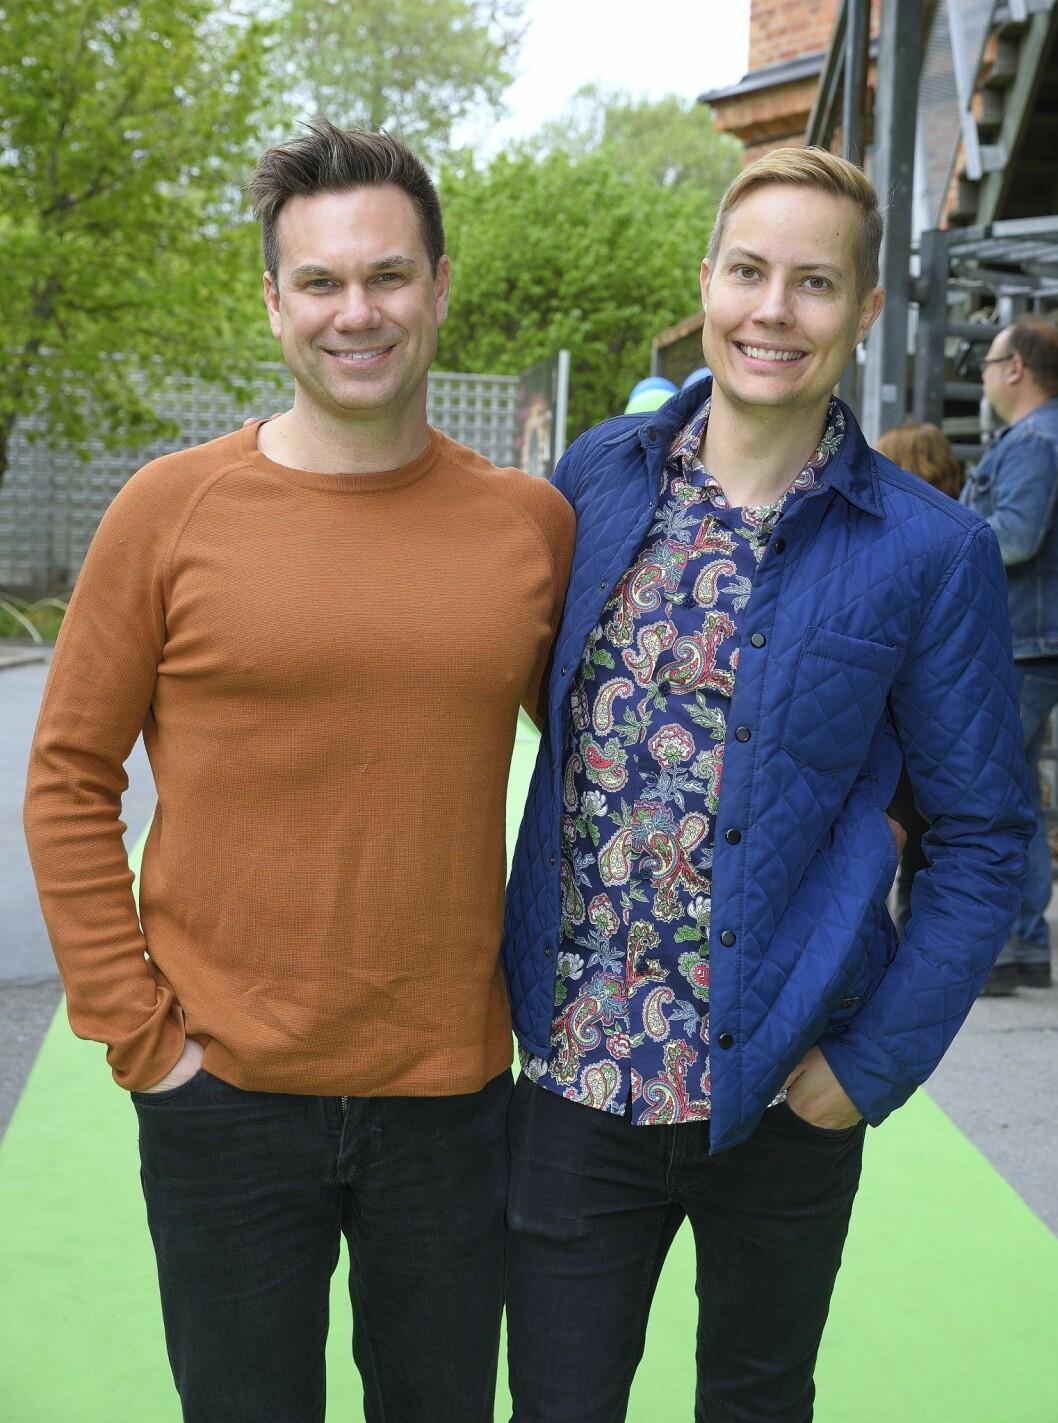 Äkta makarna Henrik Alsterdal och Anders Pihlblad syns ofta på röda mattan tillsammans.